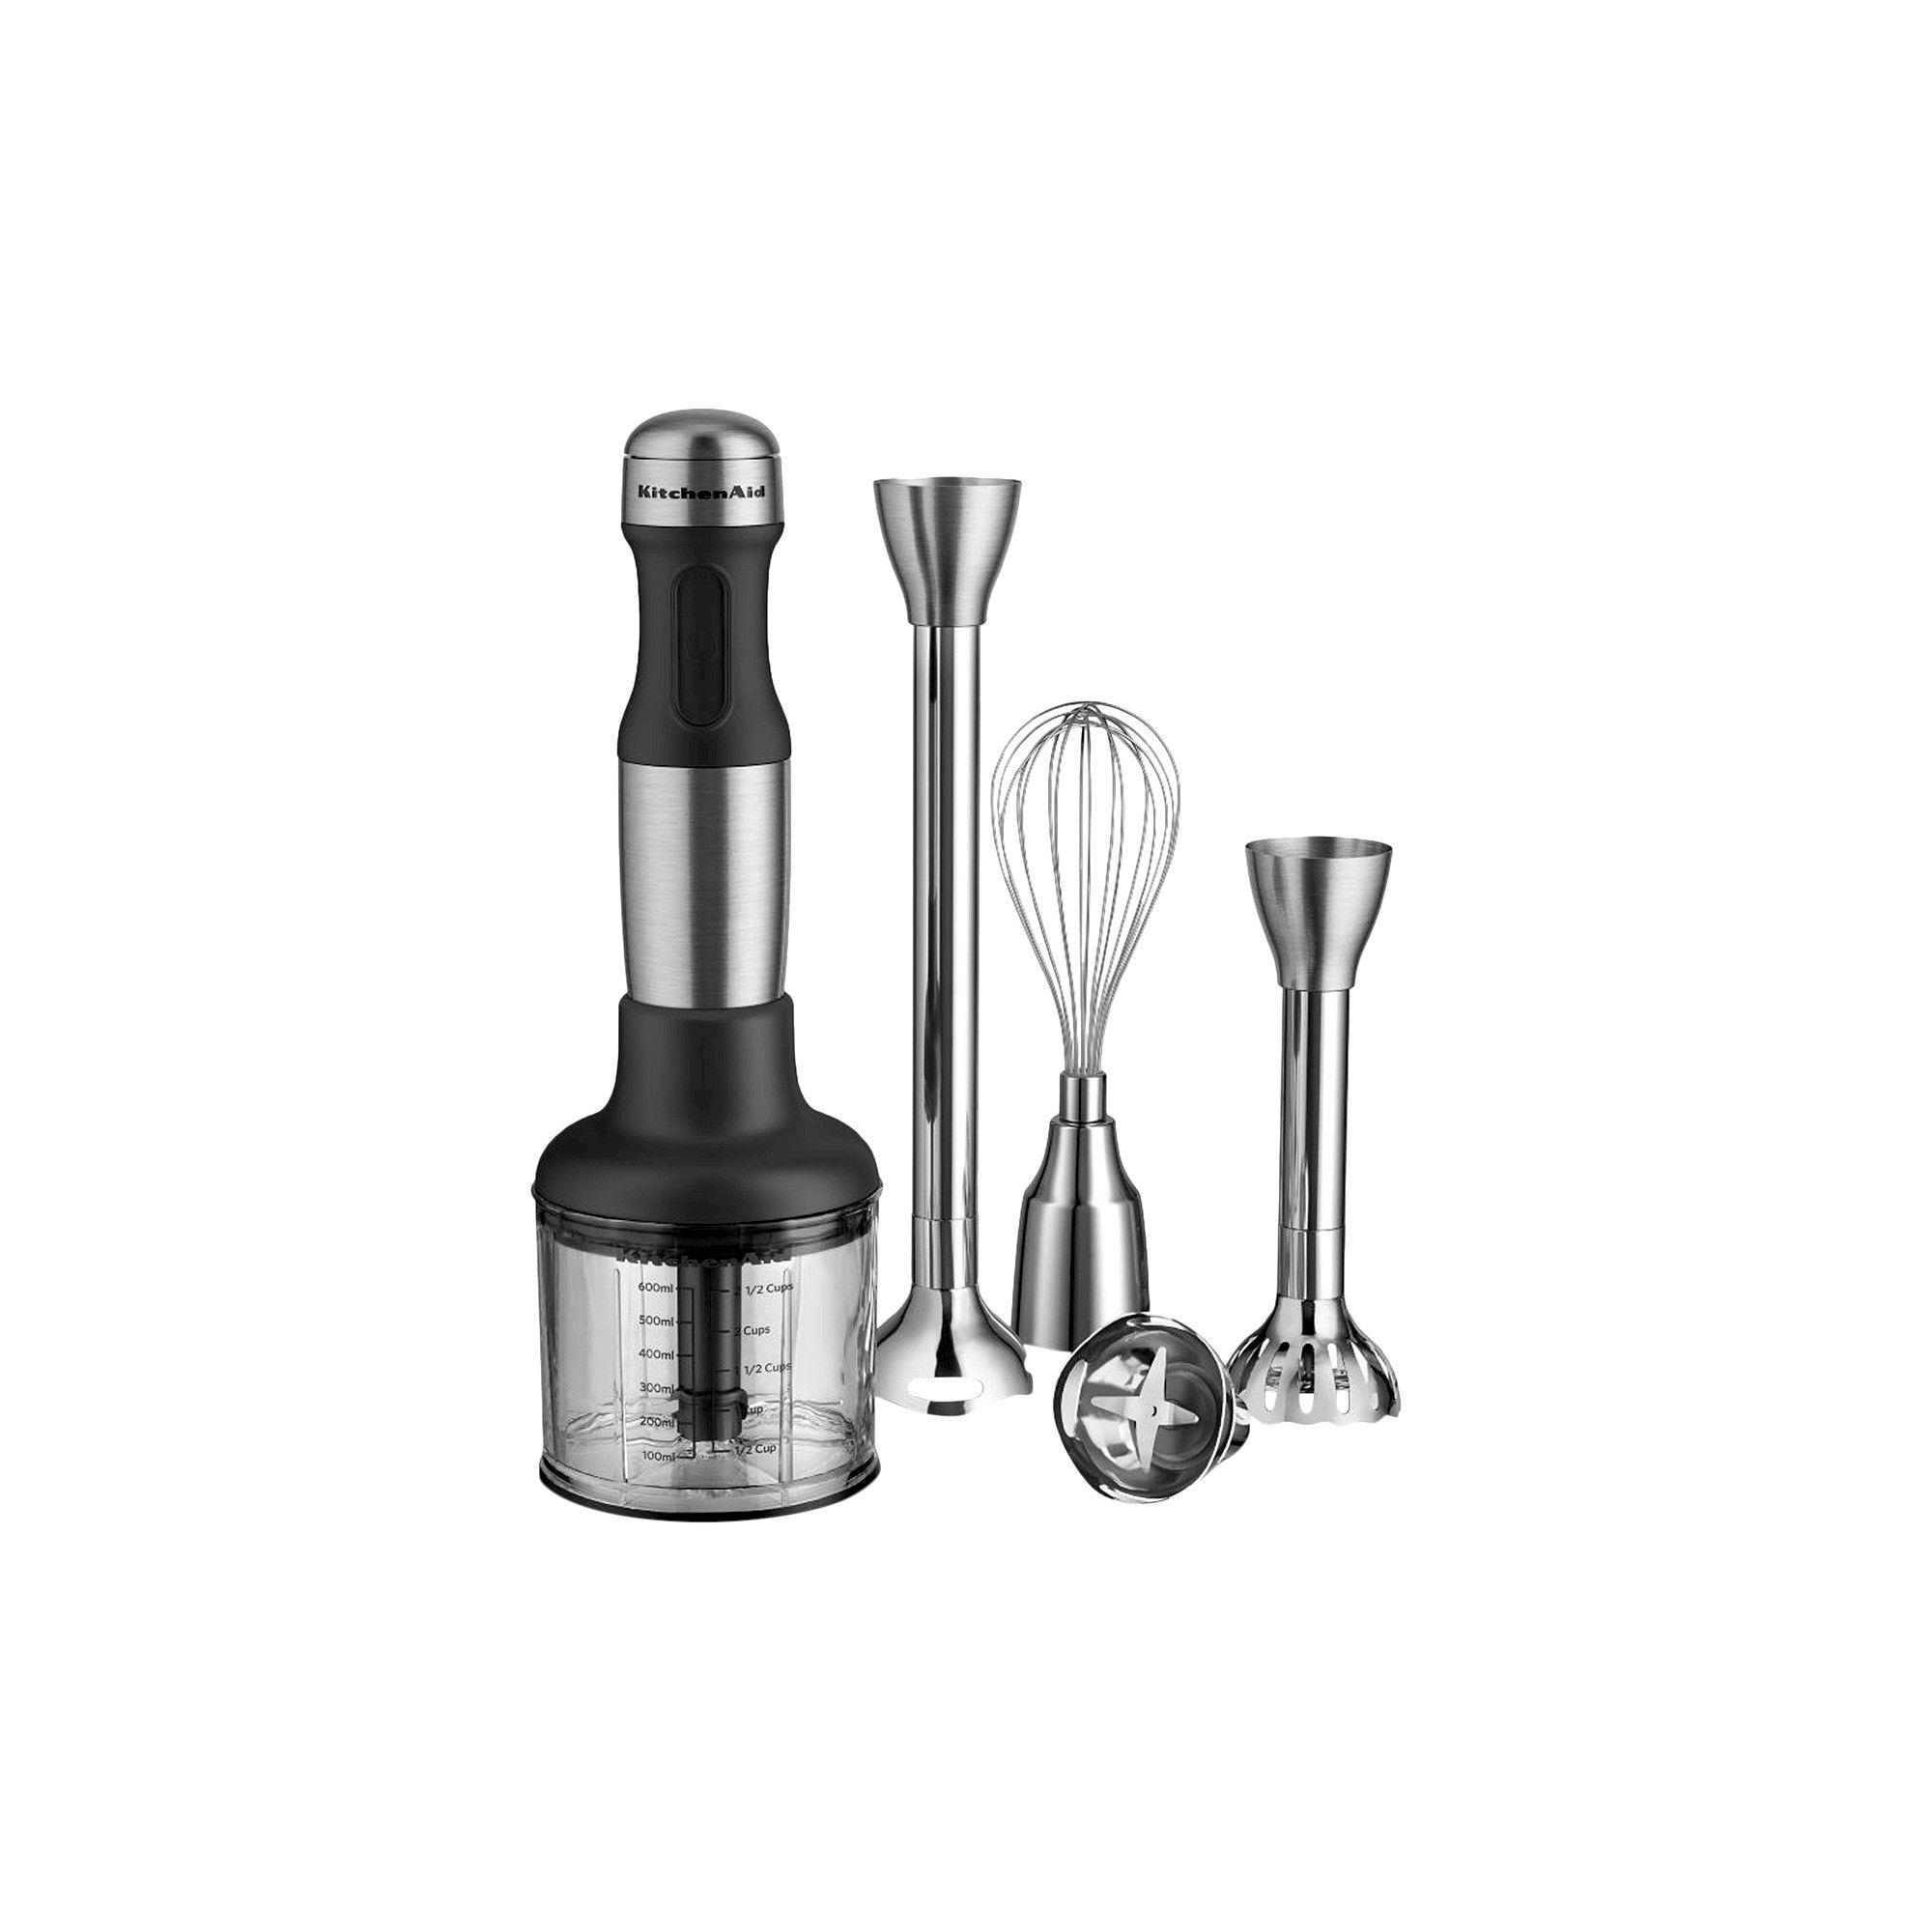 Kitchenaid 5speed hand blender khb2571 silver hand